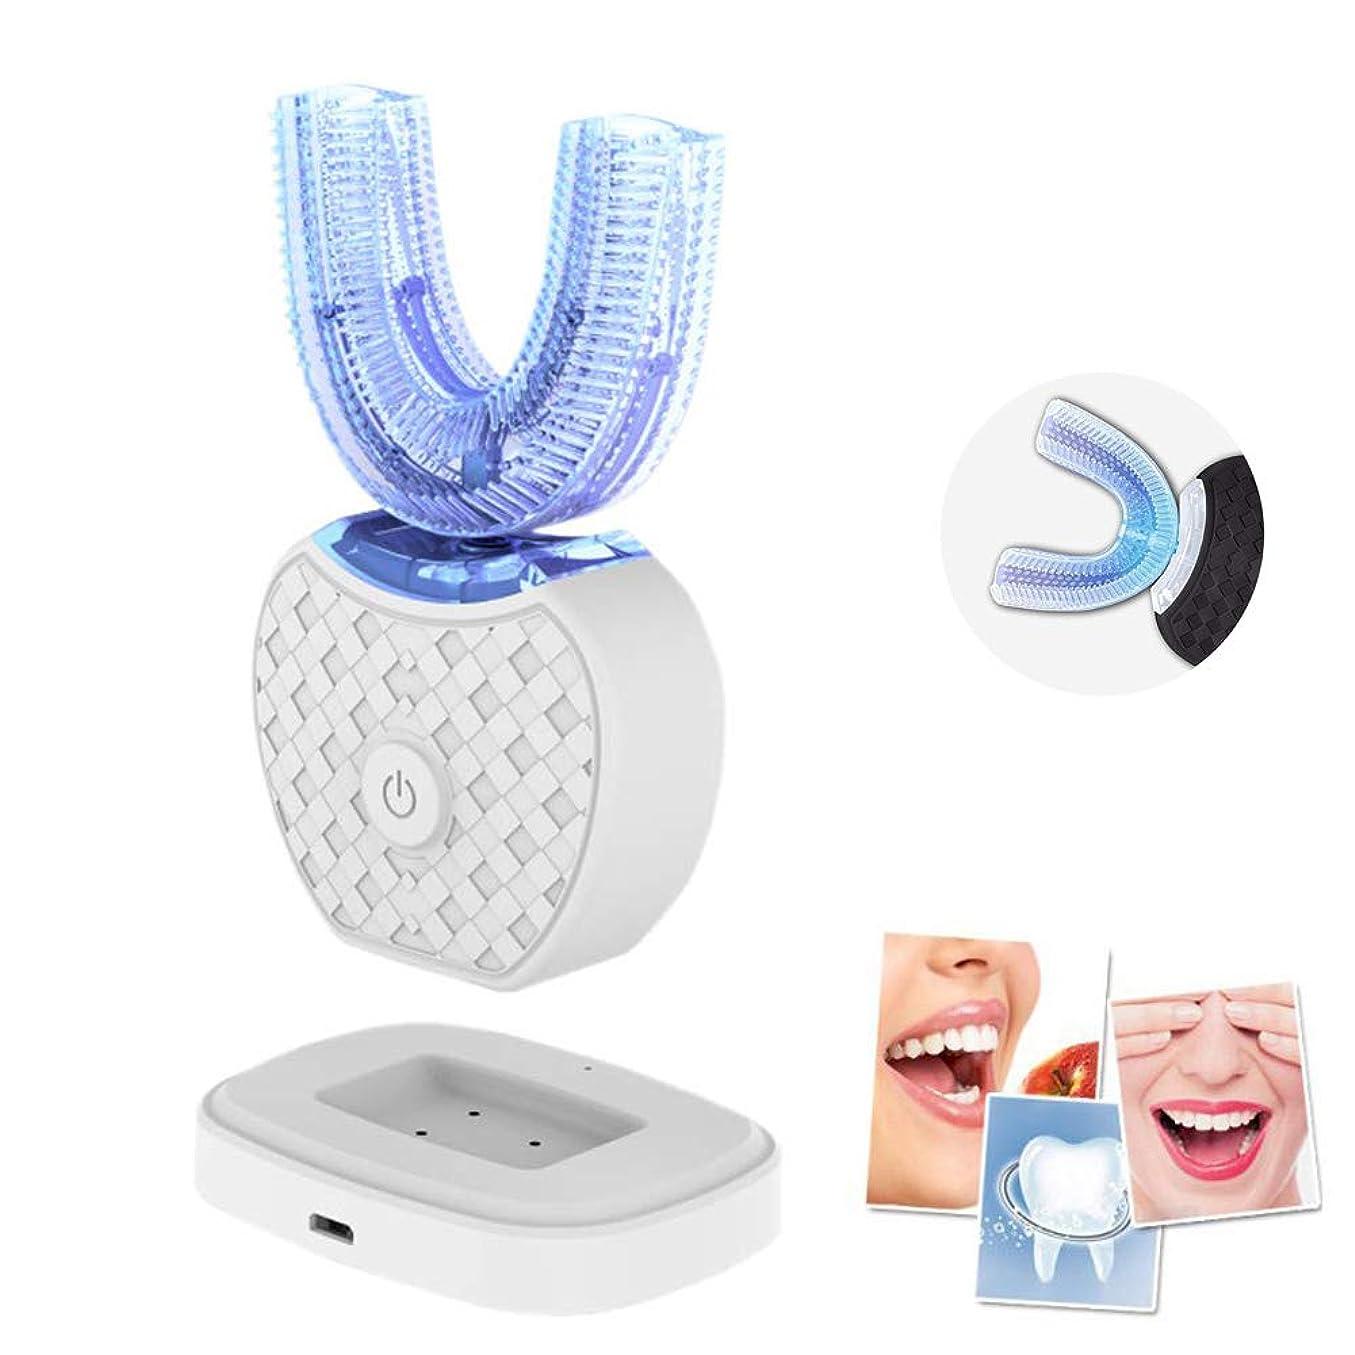 バッテリー通信網においスマート怠惰なシリコーン電動歯ブラシを360度ワイヤレス歯のクリーナーパーソナルケア、防水USB充電をホワイトニング